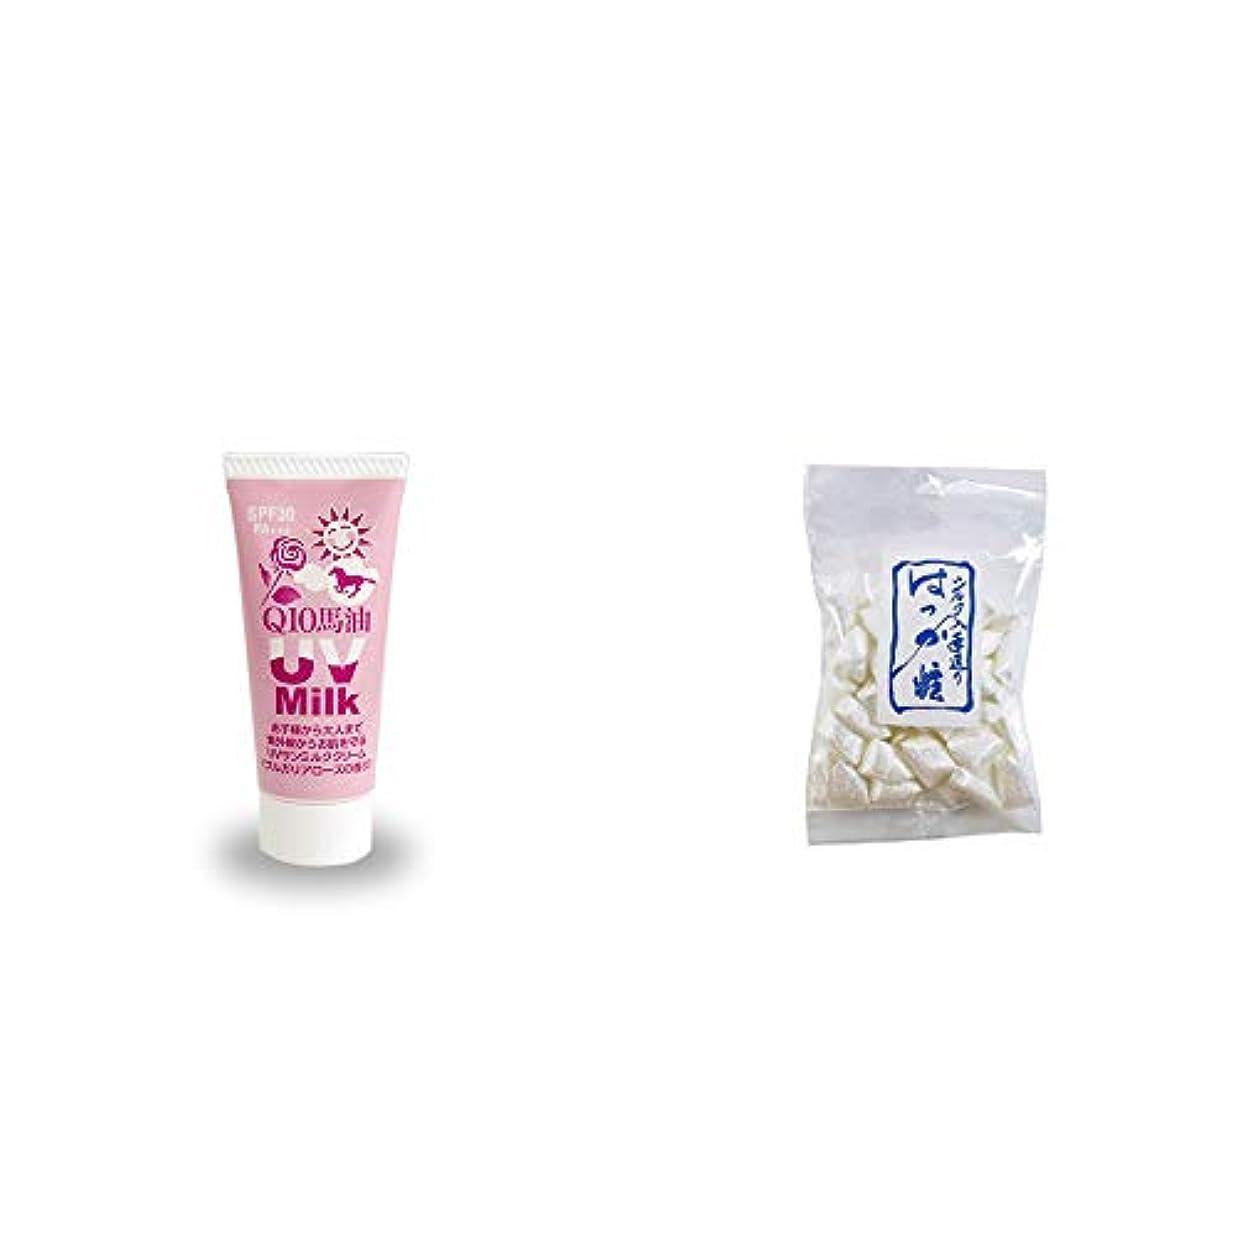 スピーチ専ら[2点セット] 炭黒泉 Q10馬油 UVサンミルク[ブルガリアローズ](40g)?シルクはっか糖(150g)